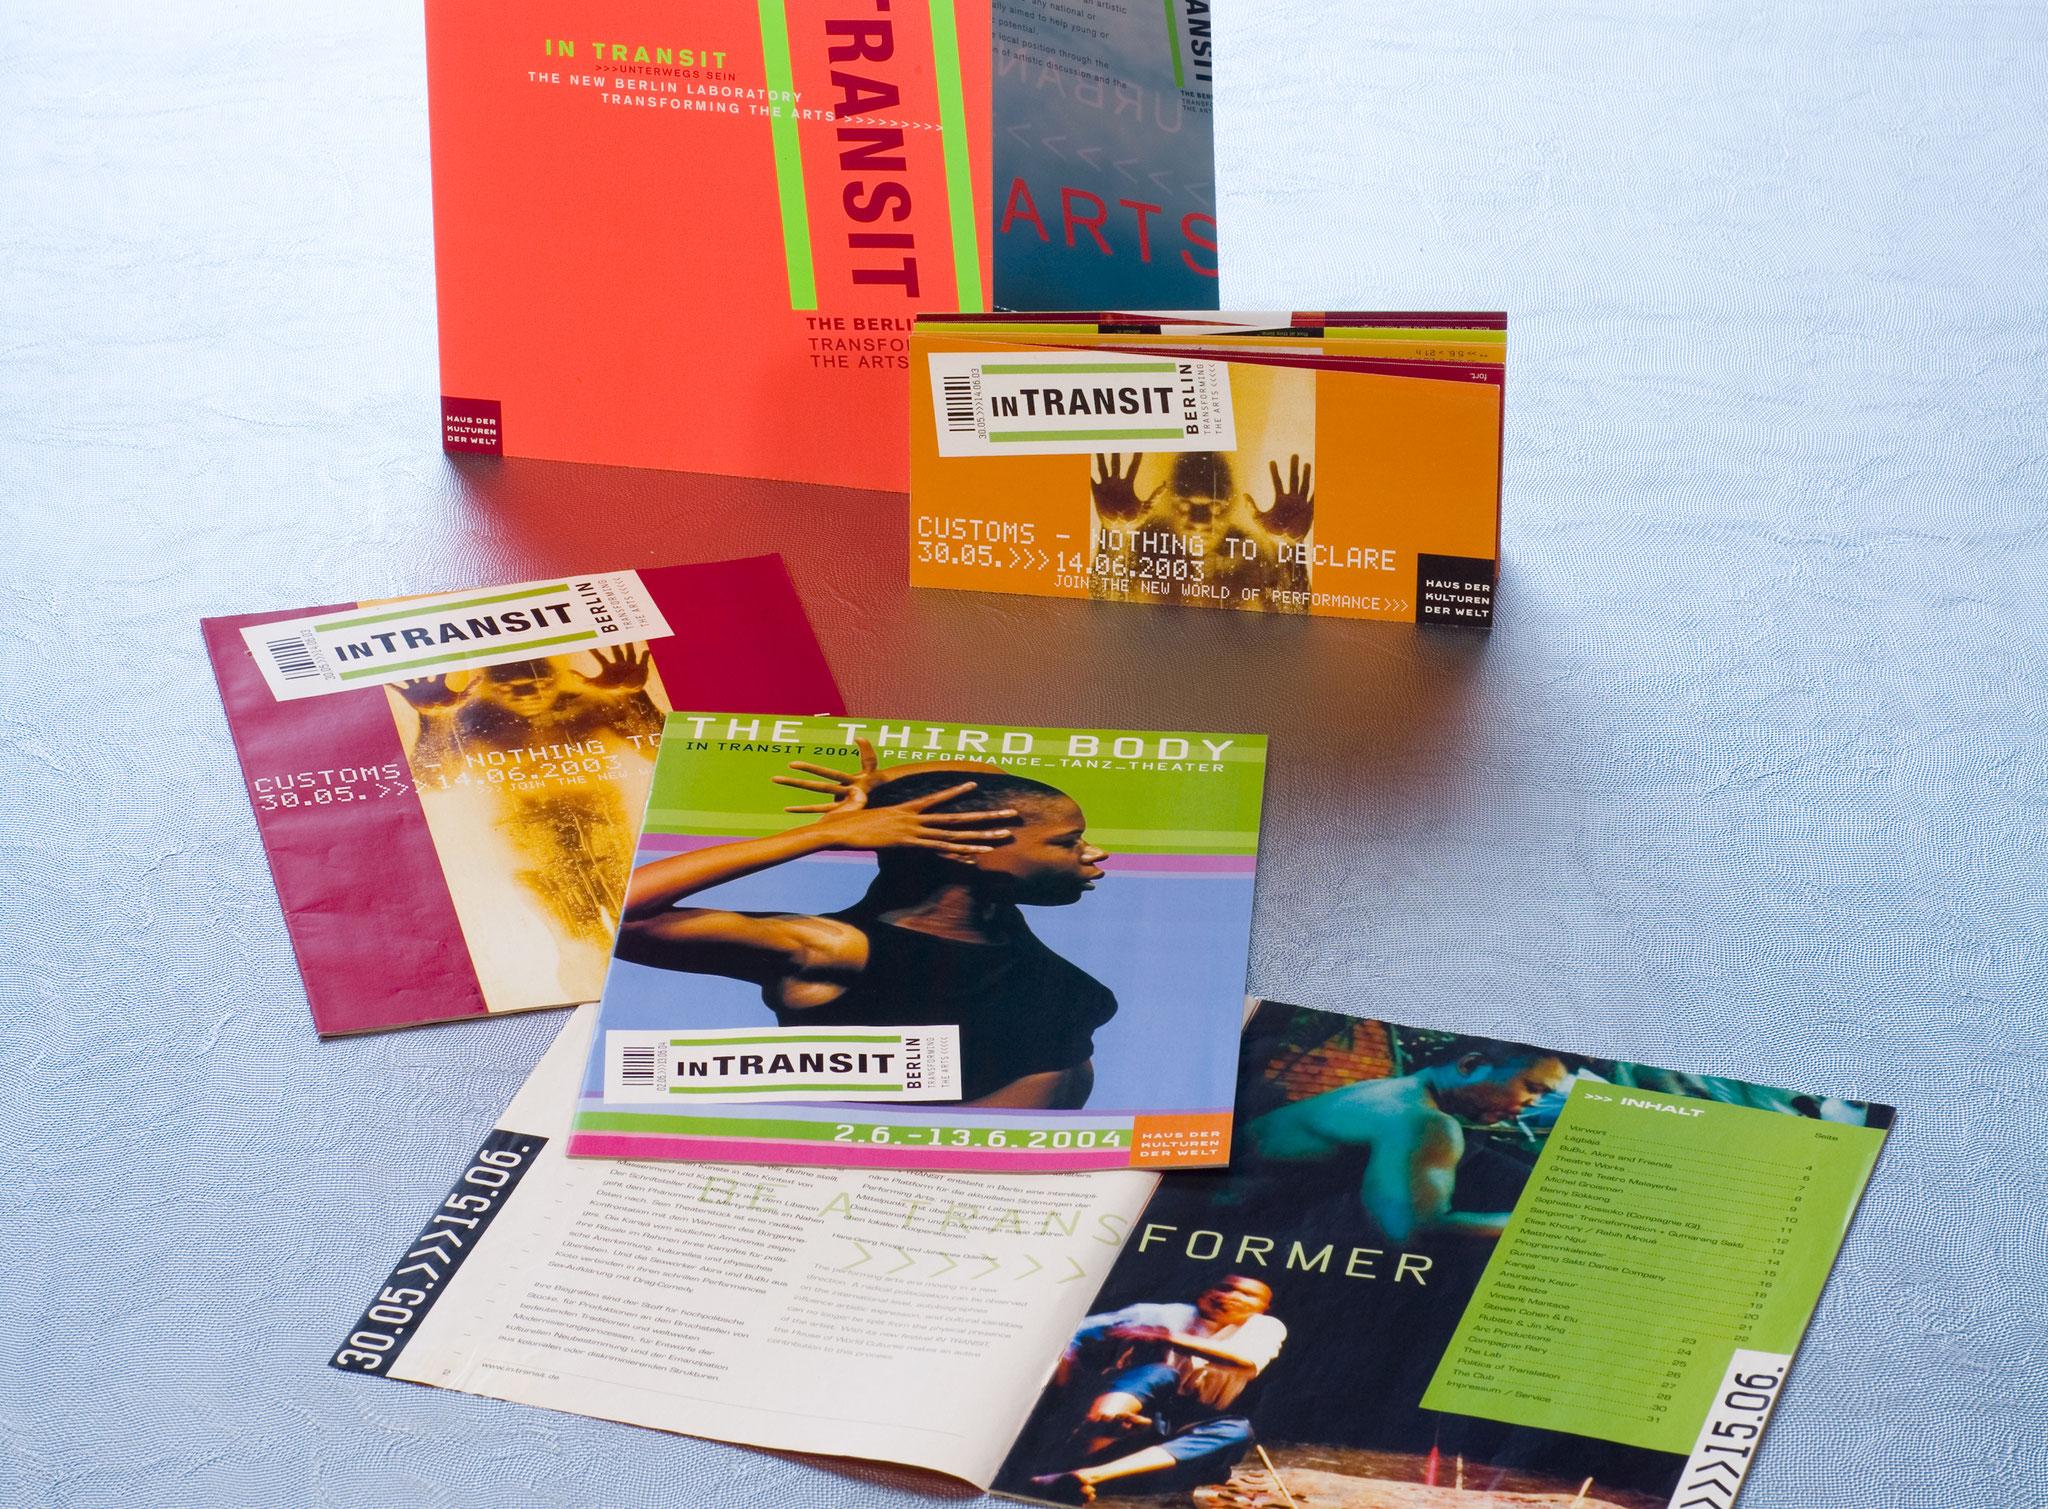 Broschüre, div. Flyer, Programmheft